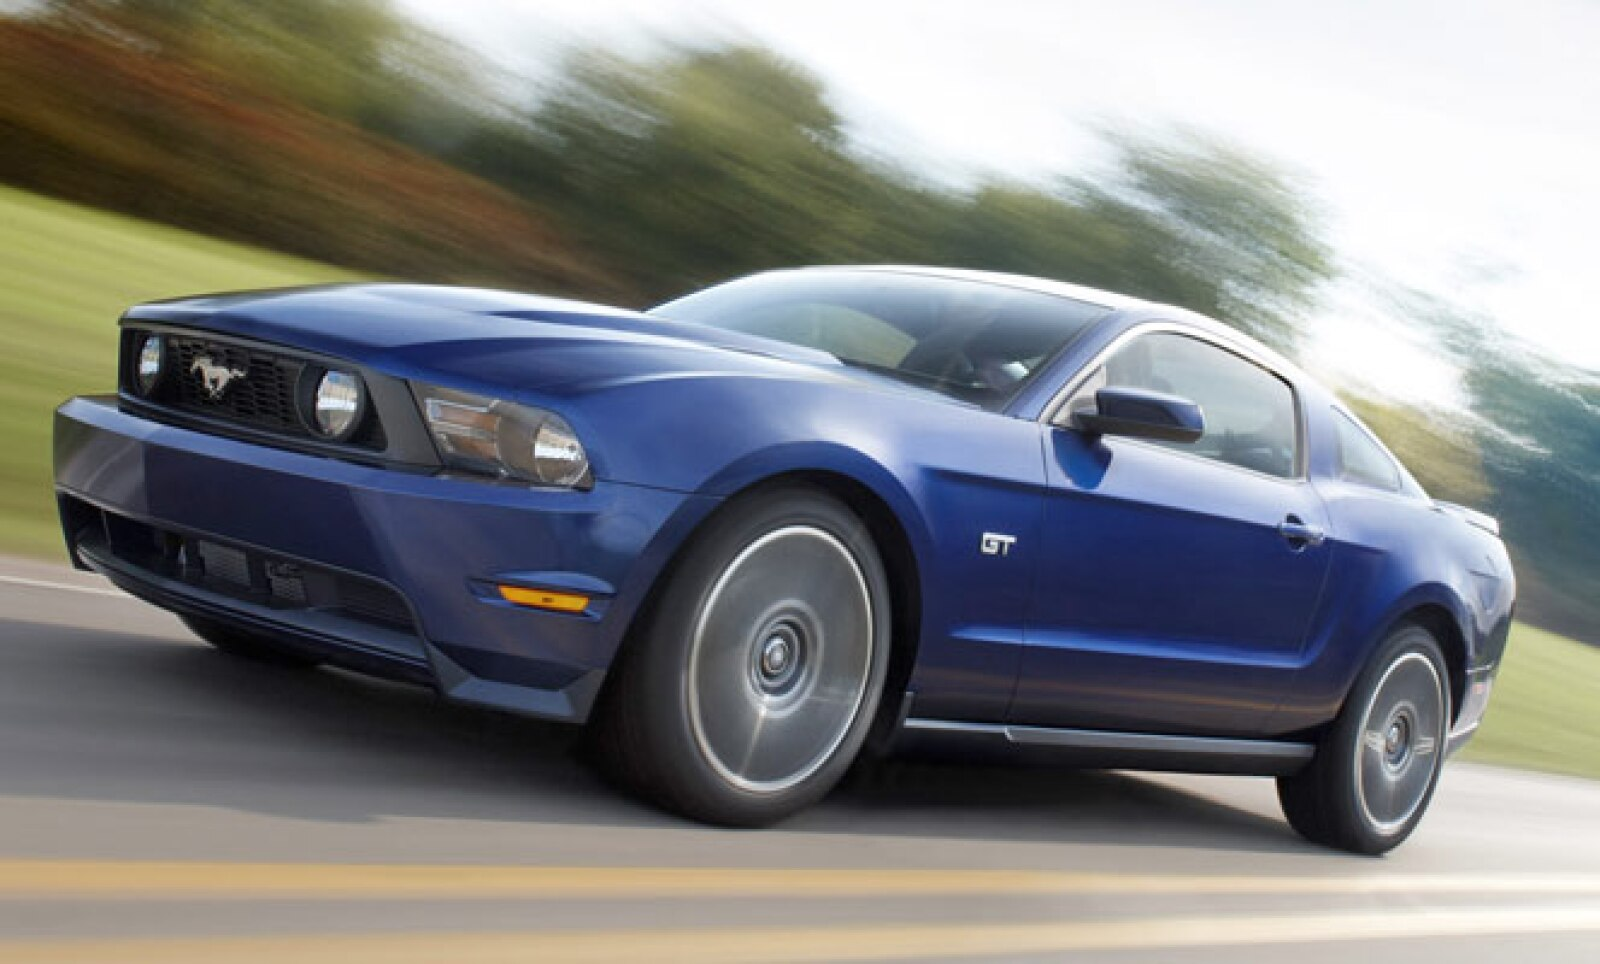 El 'eterno' Mustang, segundo lugar del conteo, reportó 655 vehículos vendidos entre enero y junio pasados, una reducción de 12.3% respecto al mismo lapso de 2010, cuando vendió 747 unidades.